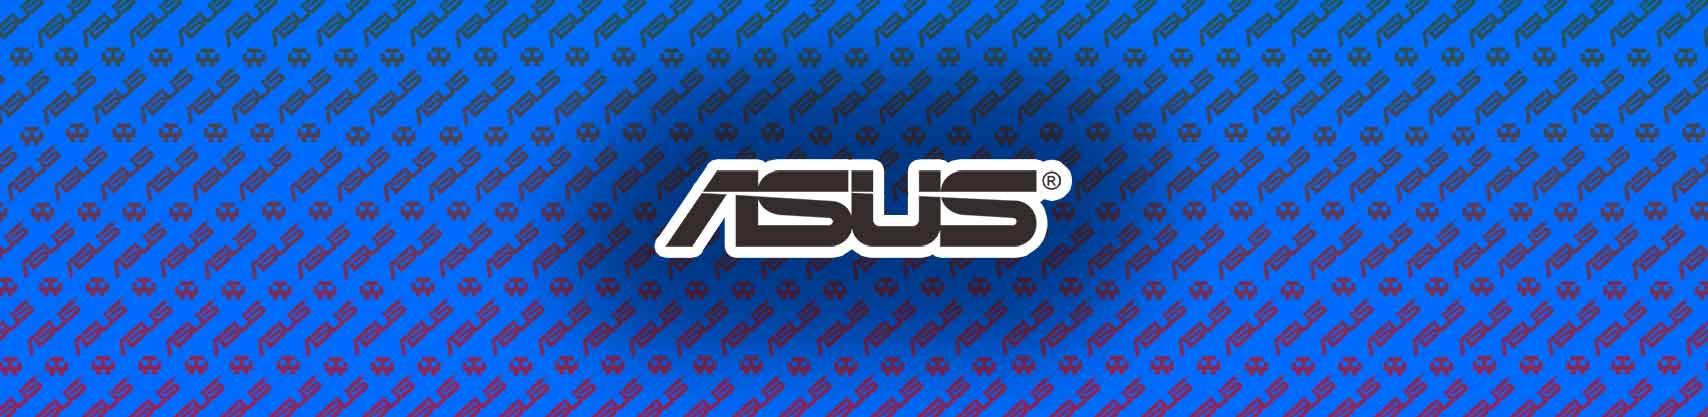 Asus RT-AC87U Manual